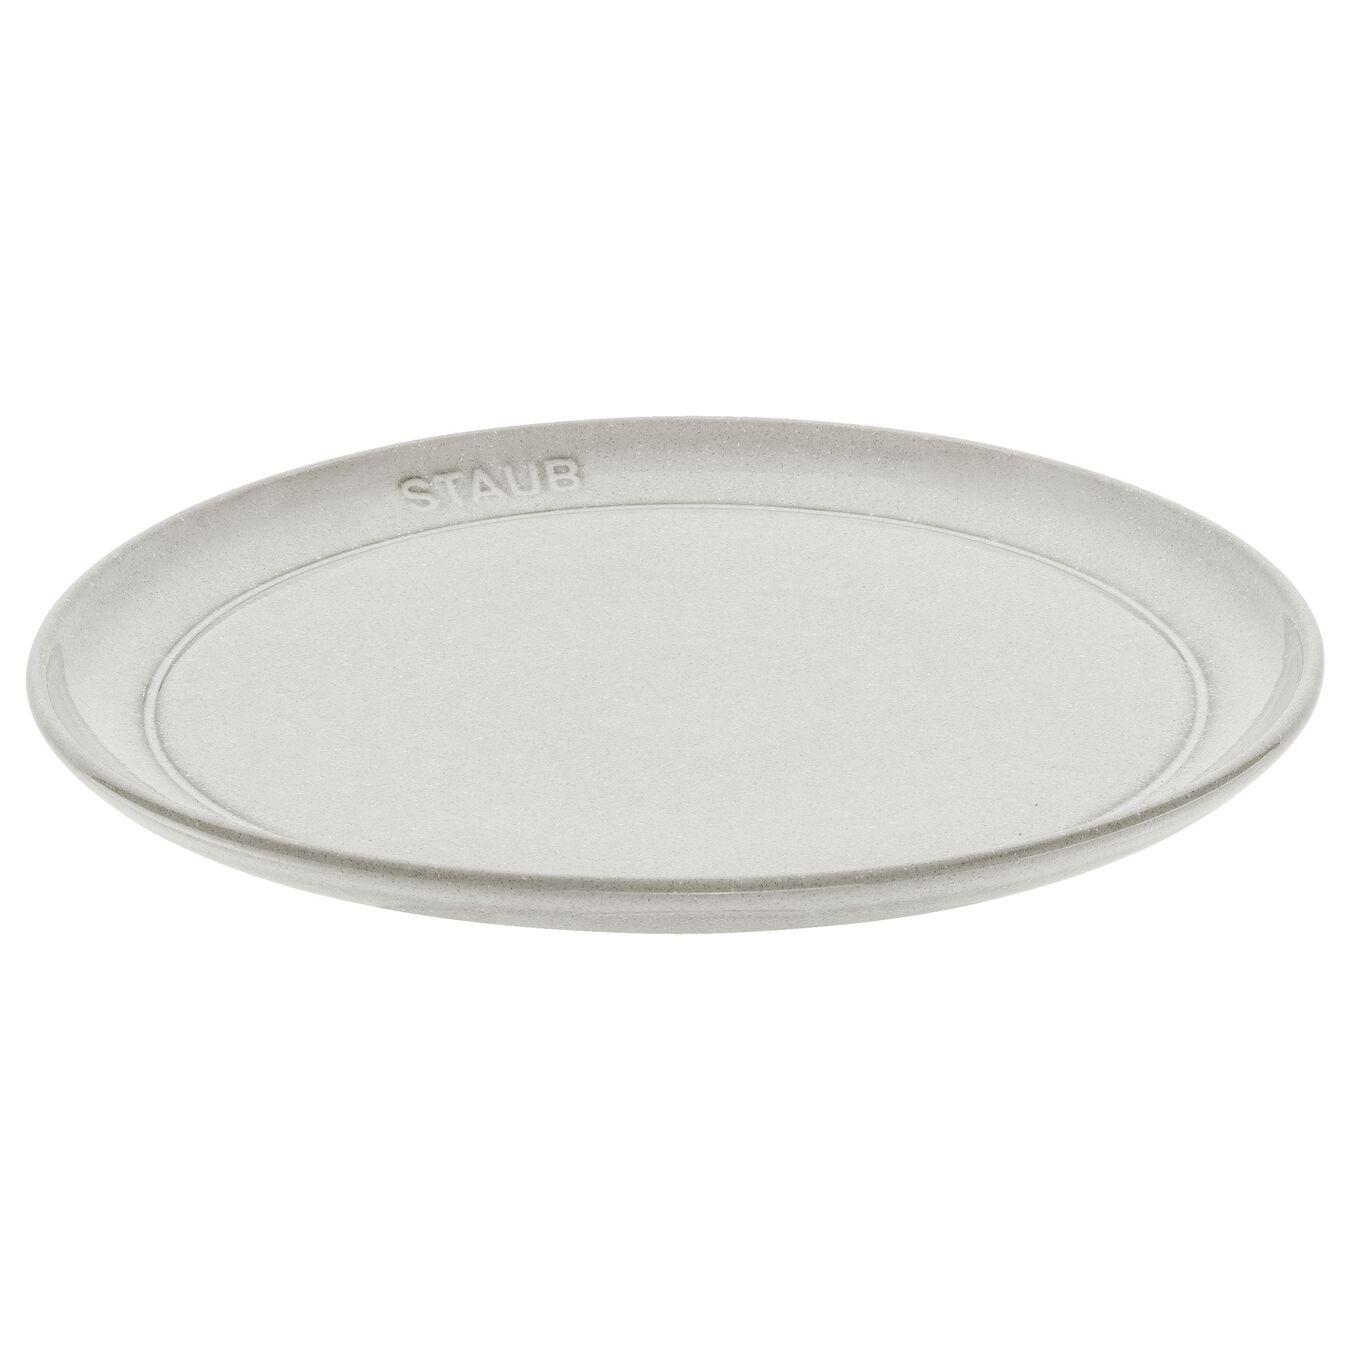 Piatto piano rotondo - 22 cm, tartufo bianco,,large 1